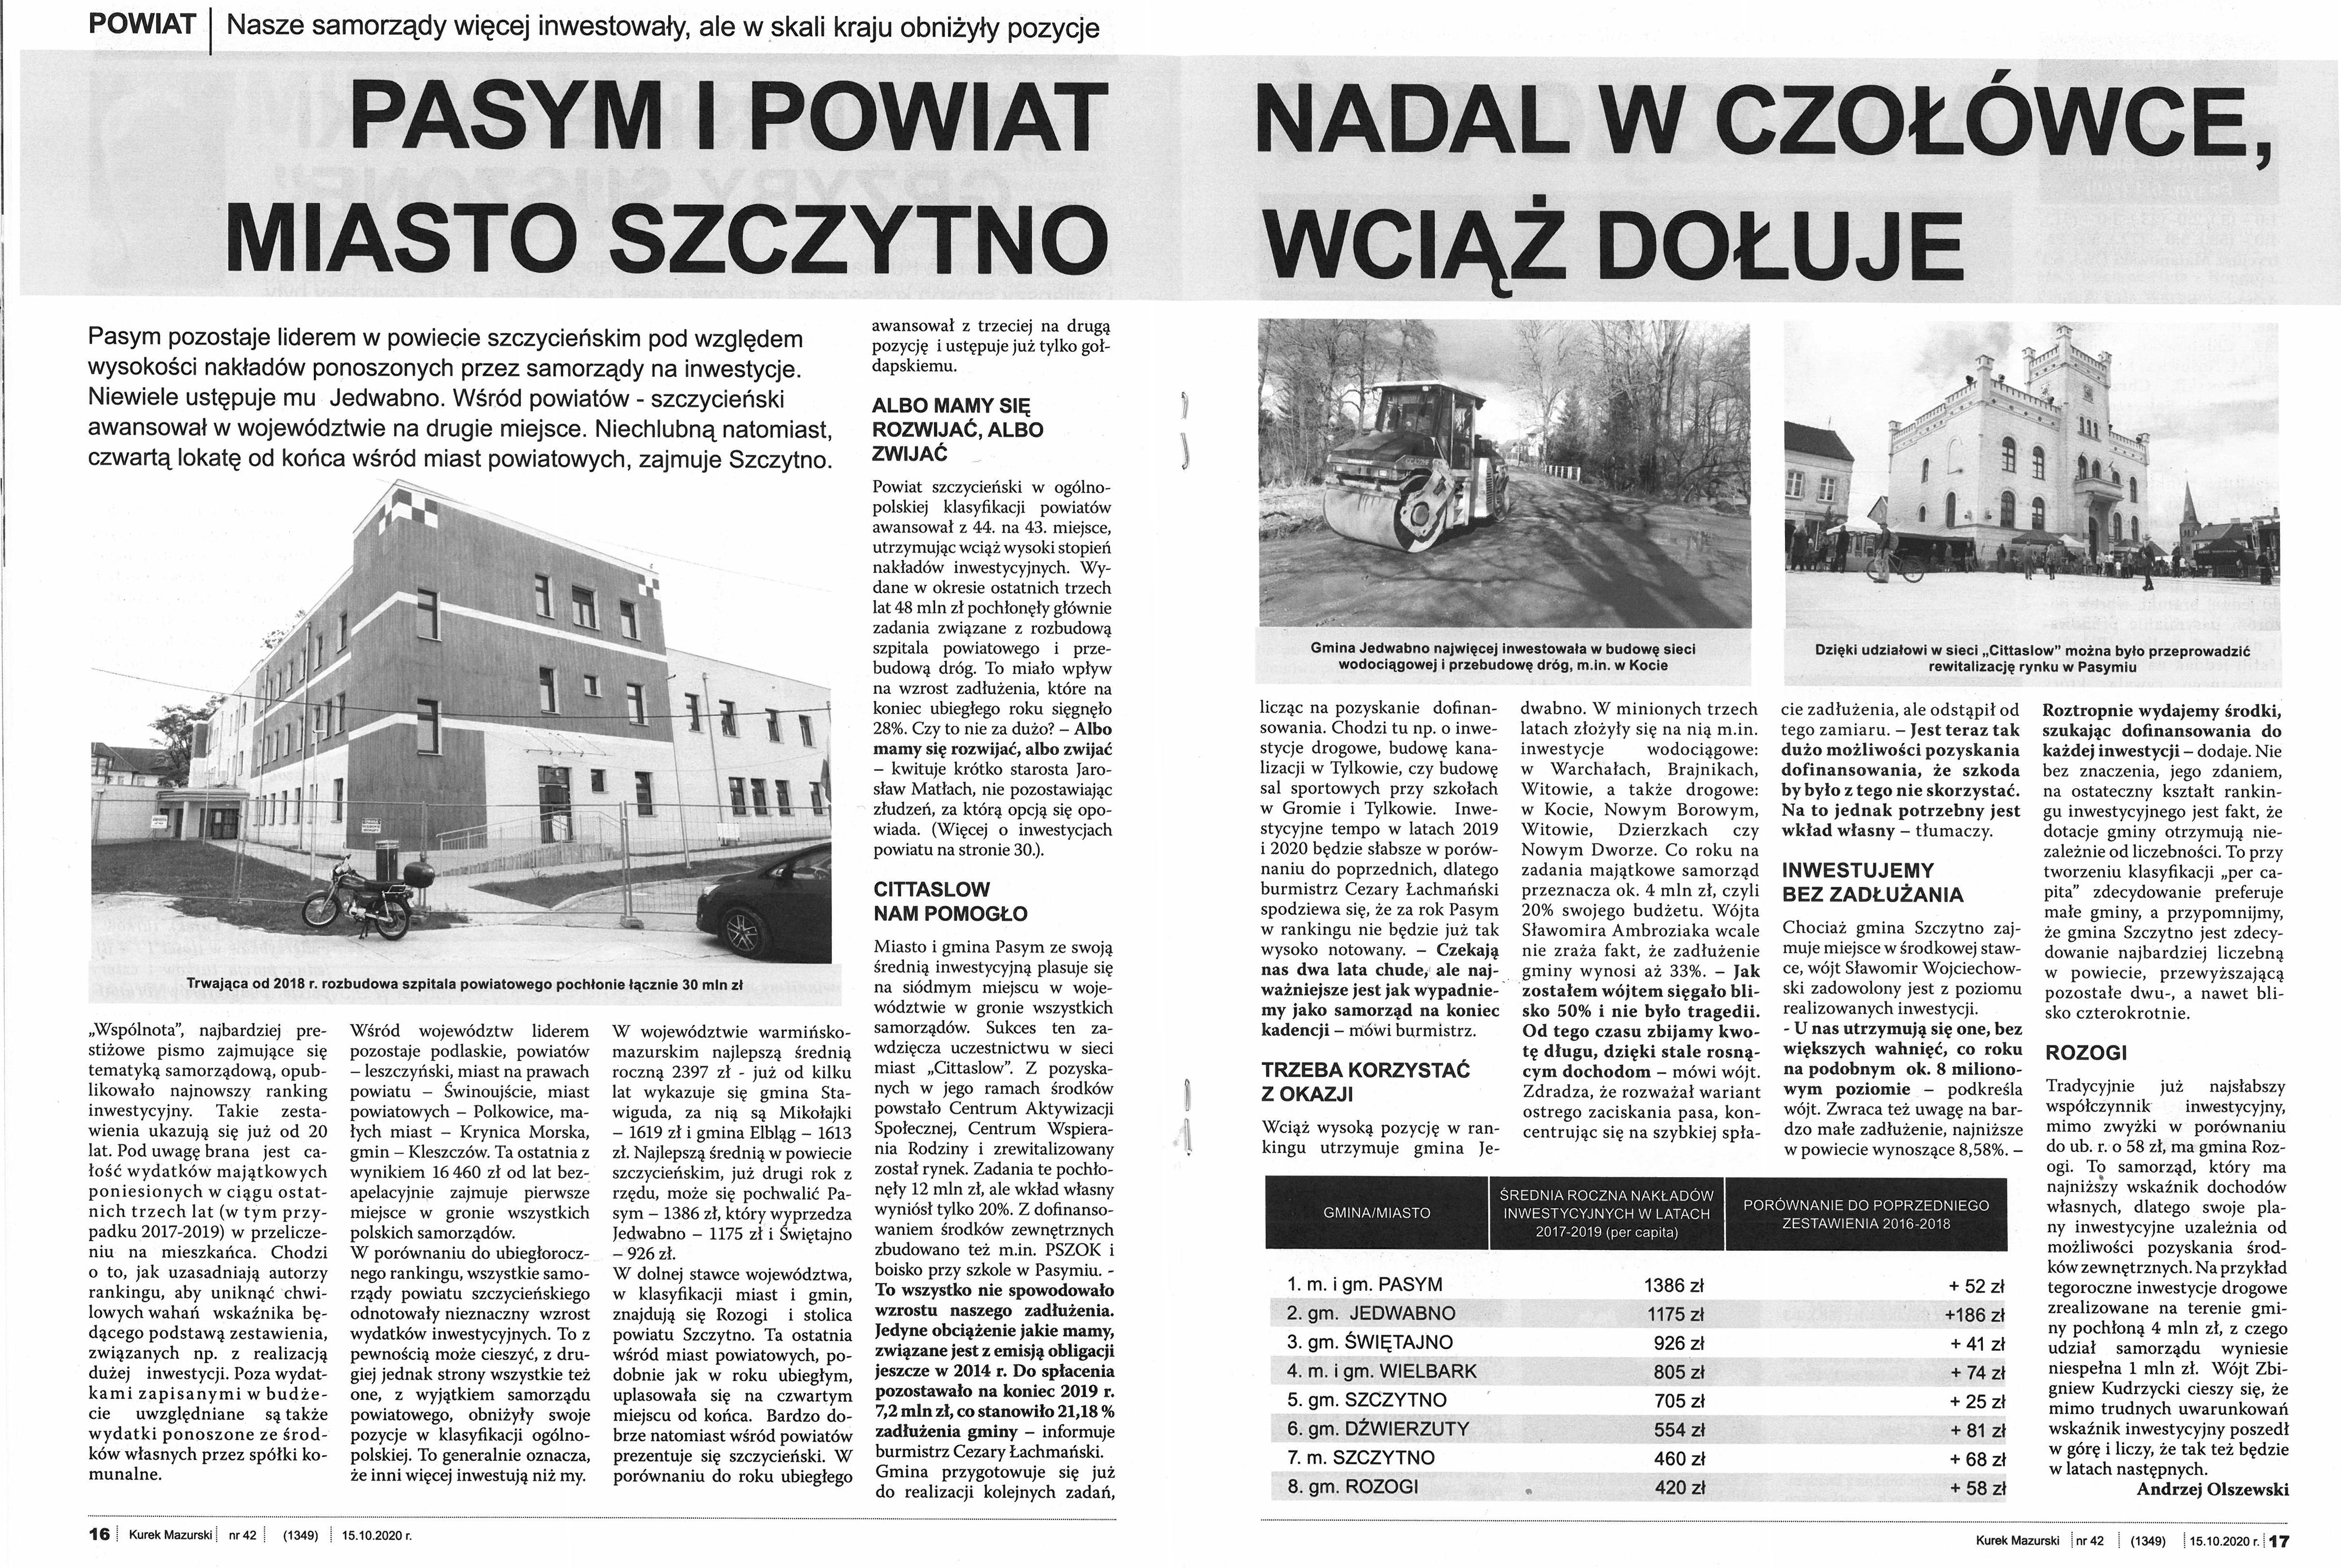 https://m.powiatszczycienski.pl/2020/10/orig/artykul-35309.jpg